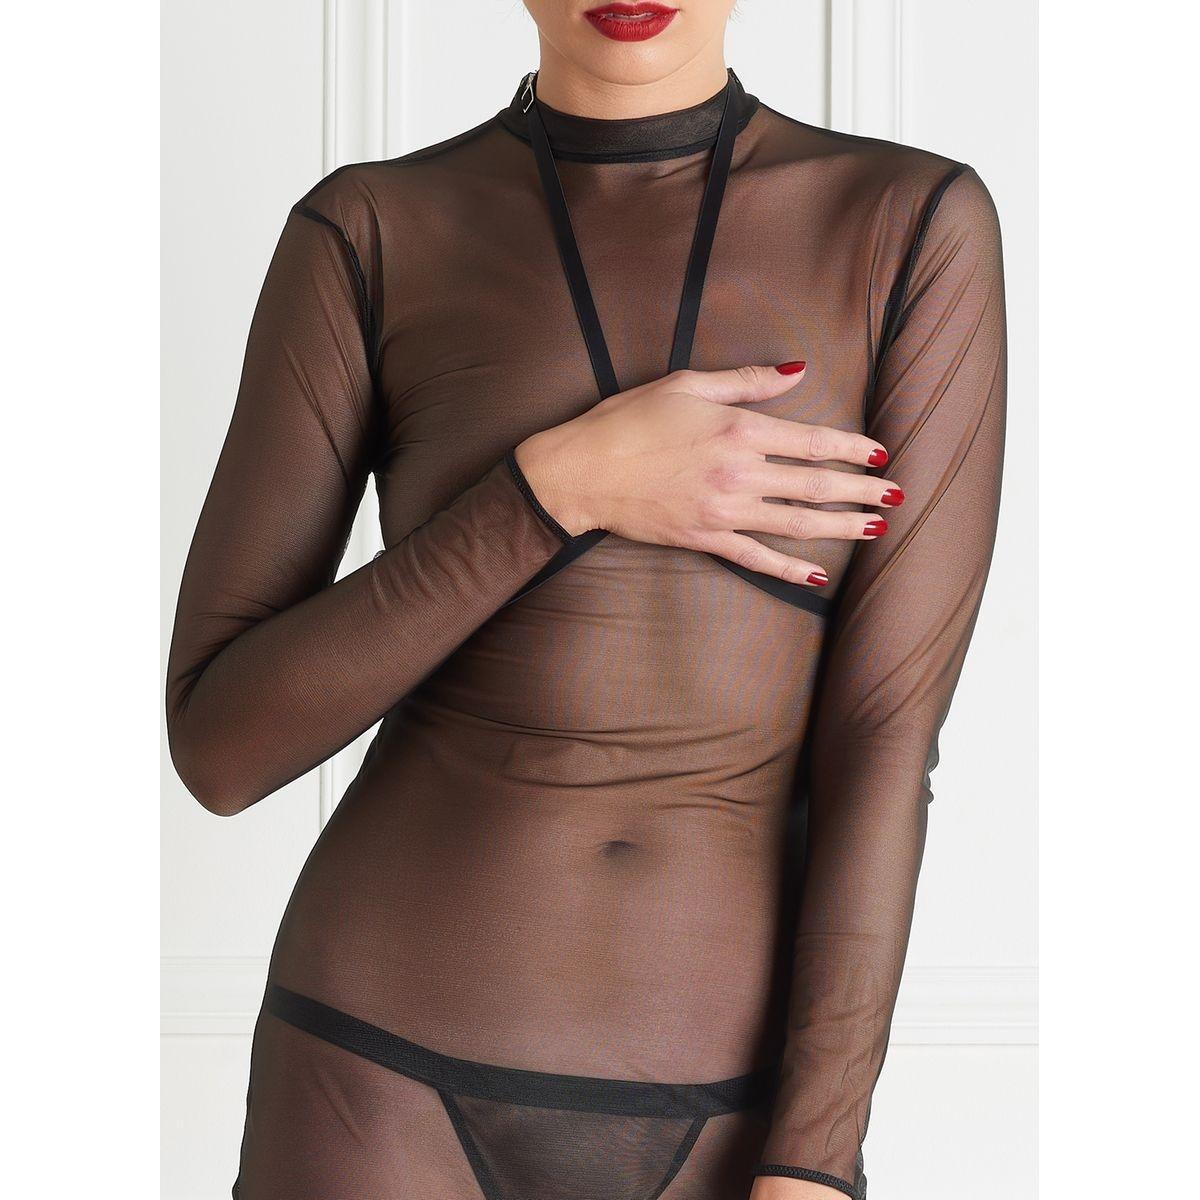 MAISON CLOSE robe Pure Tentation. MAISON CLOSE. Robe noire en élasthanne.  105 €. Glamuse. Robe - Liaison Fatale 4014882dcb9